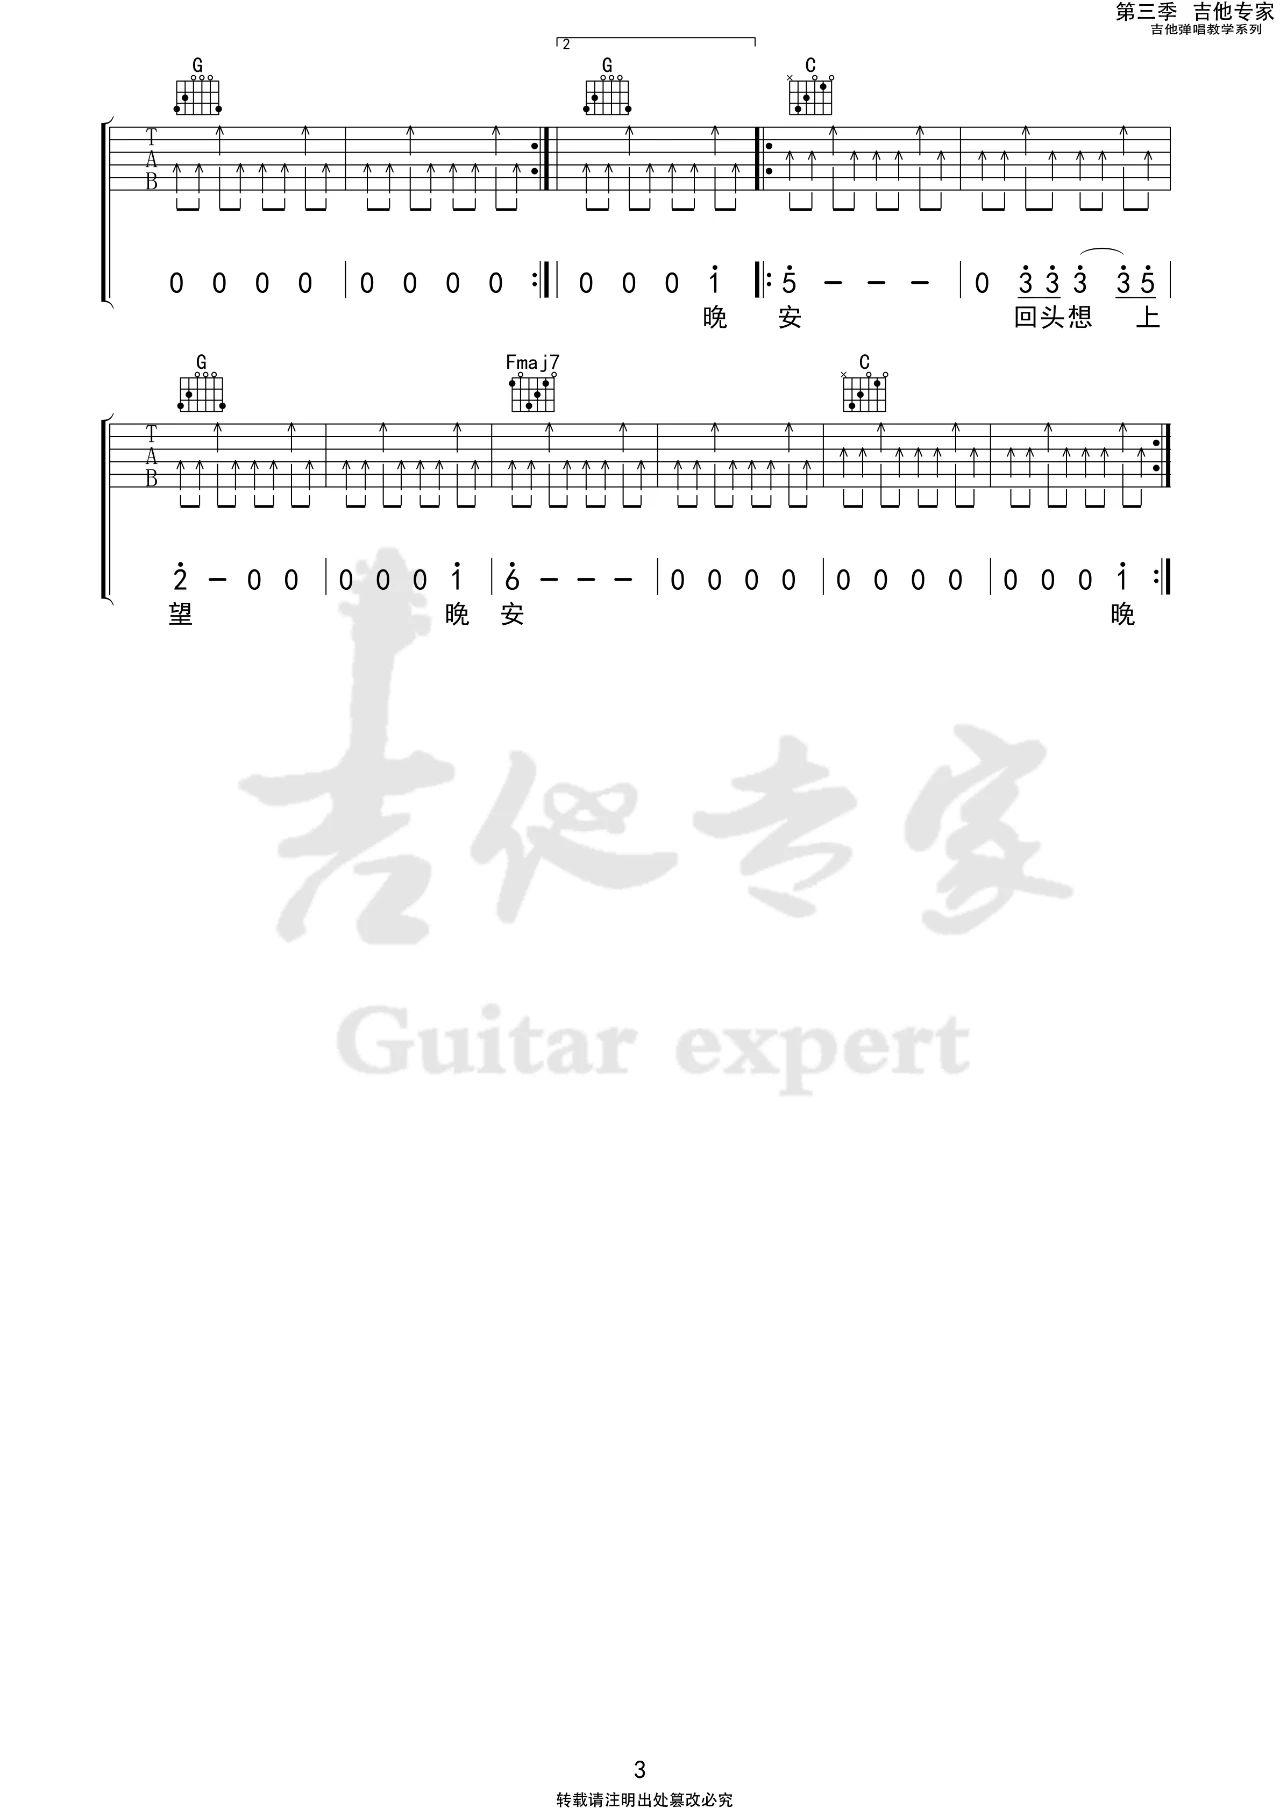 吉他派晚安吉他谱-3